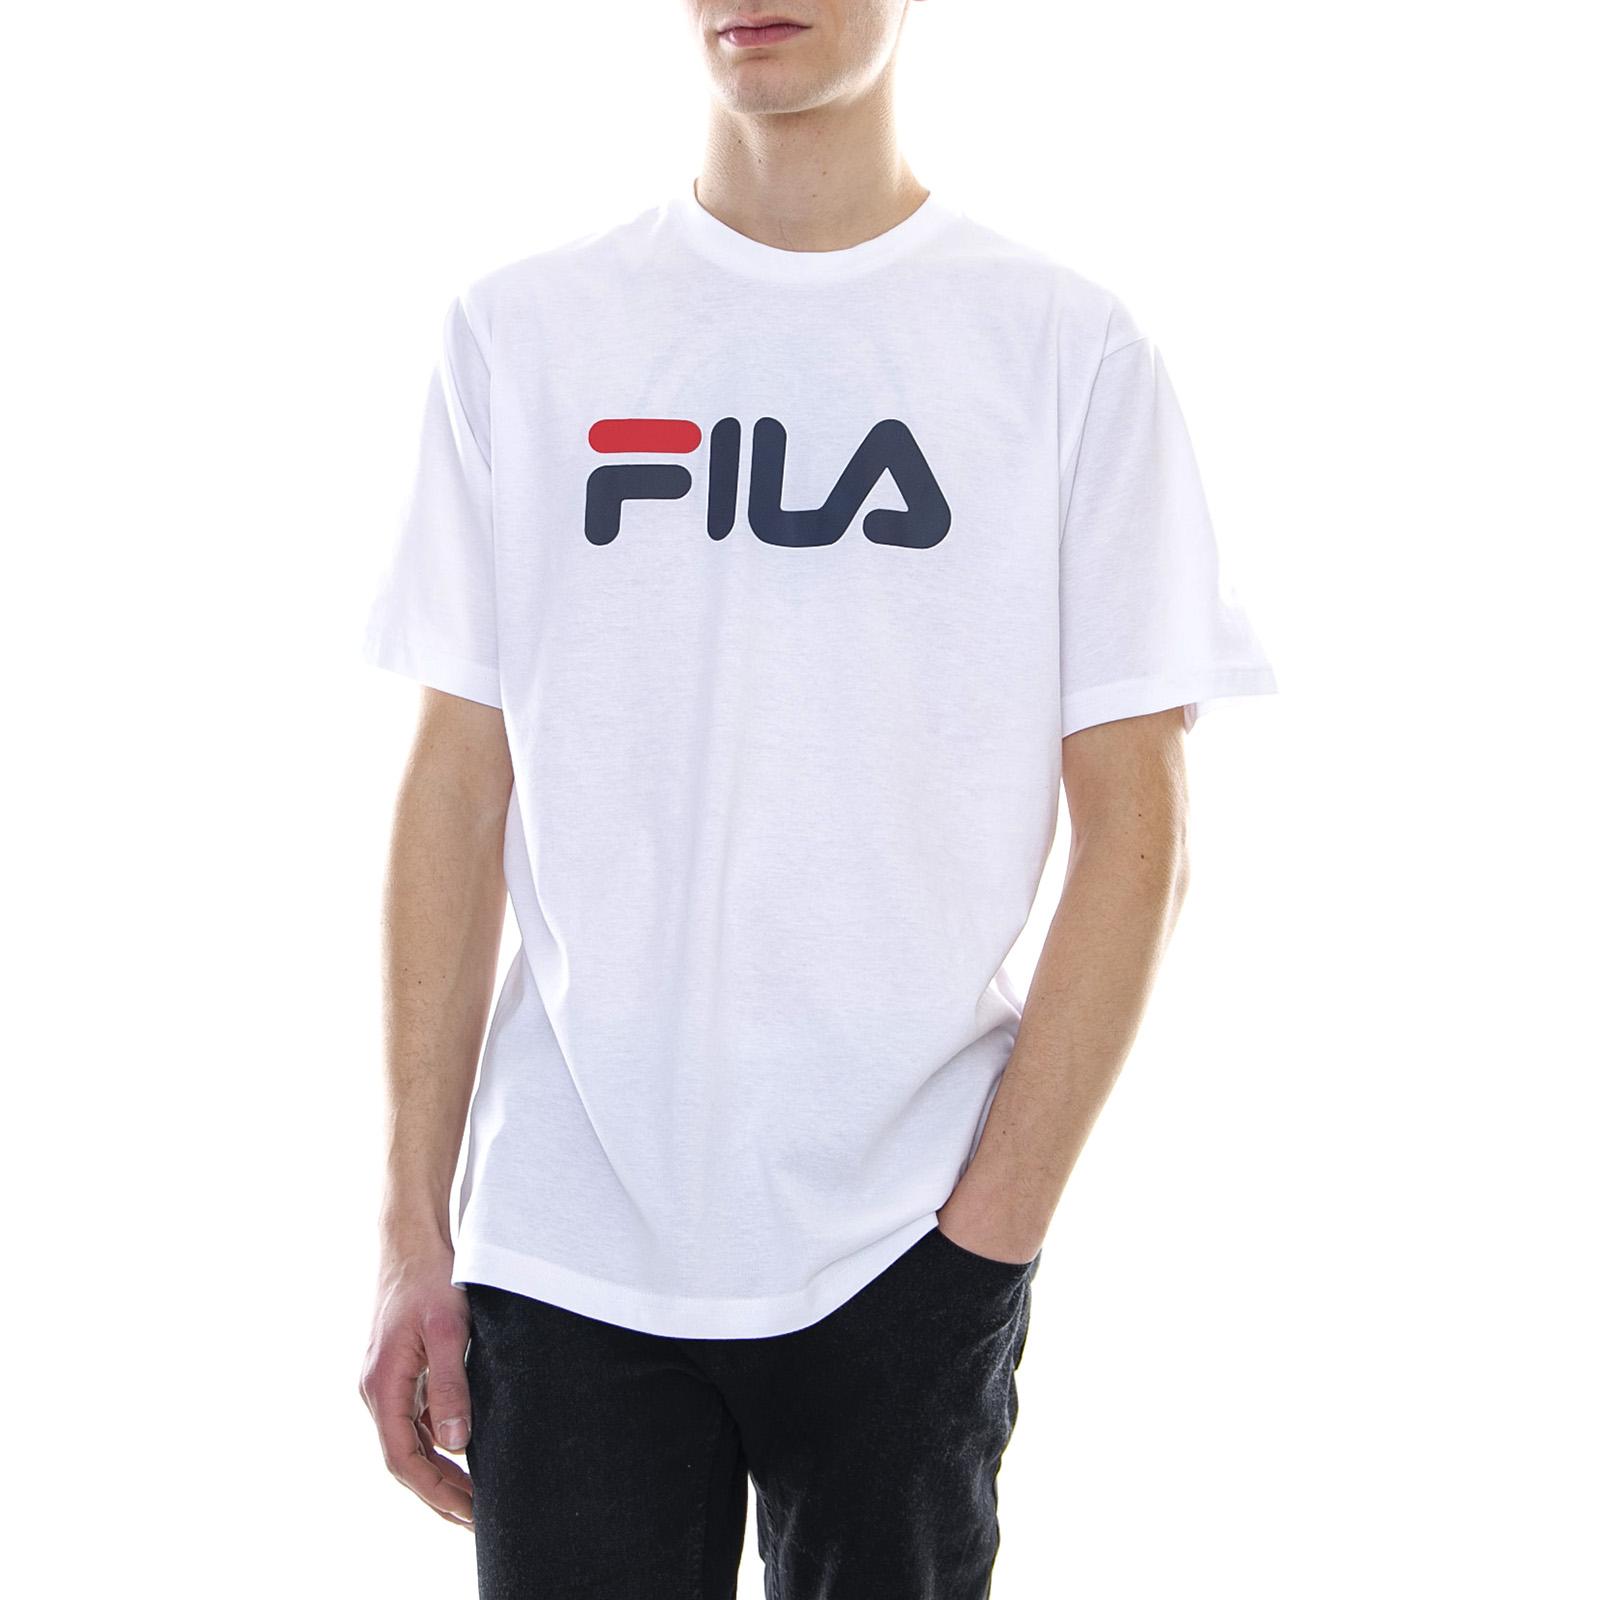 De Tee Bright Detalles Fila Pure Blanco Camiseta Cuello Clásico Redondo Hombre 9HeW2IYEDb